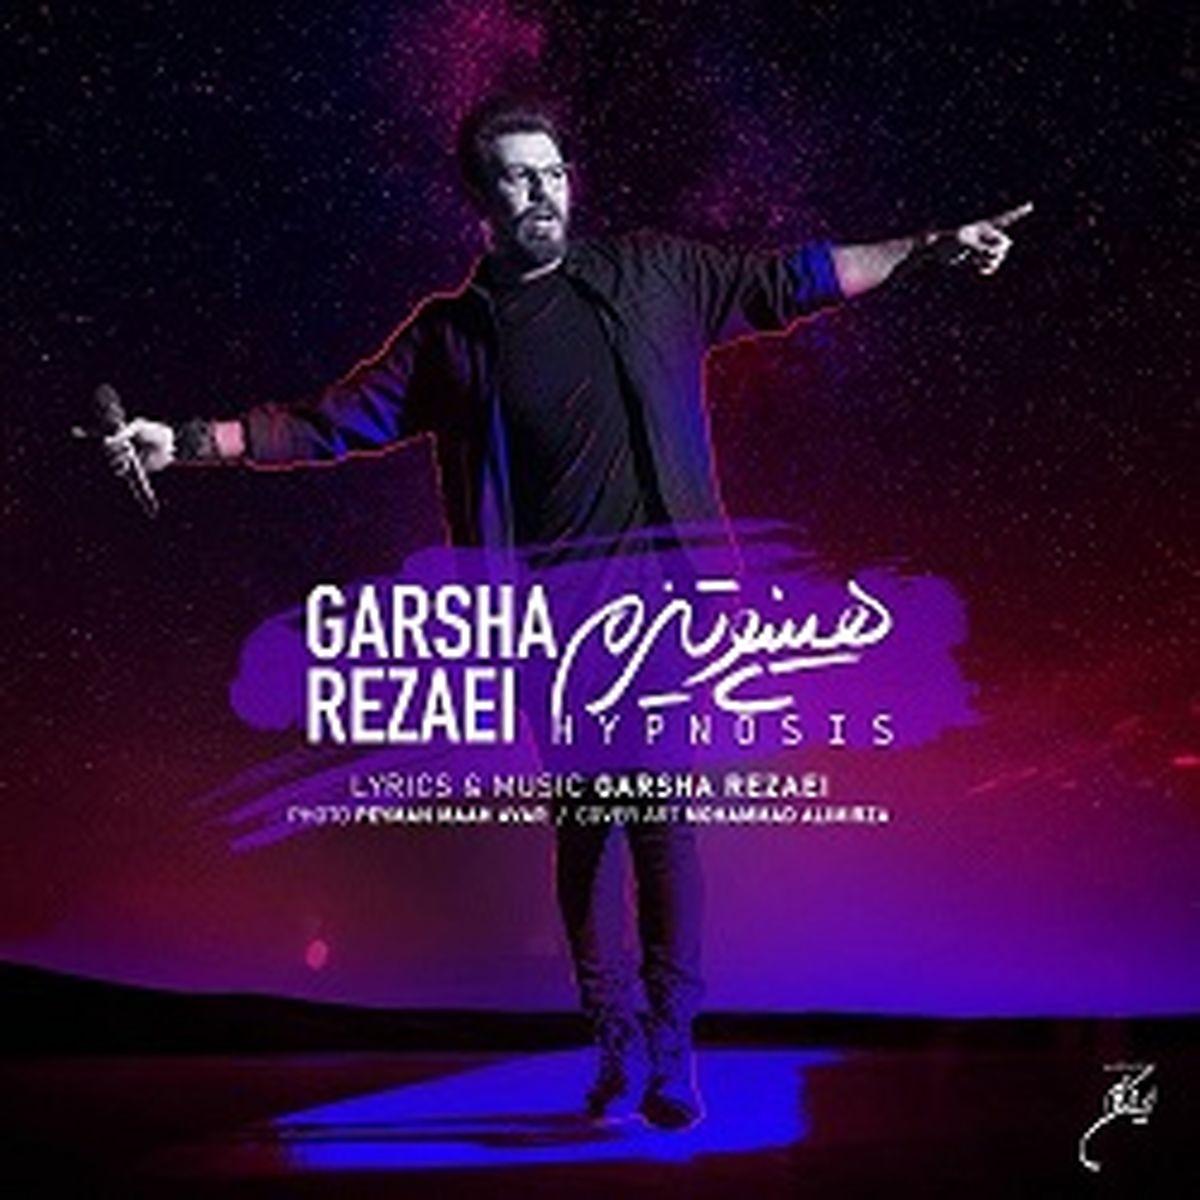 آهنگ جدید گرشا رضایی + موزیک ناب